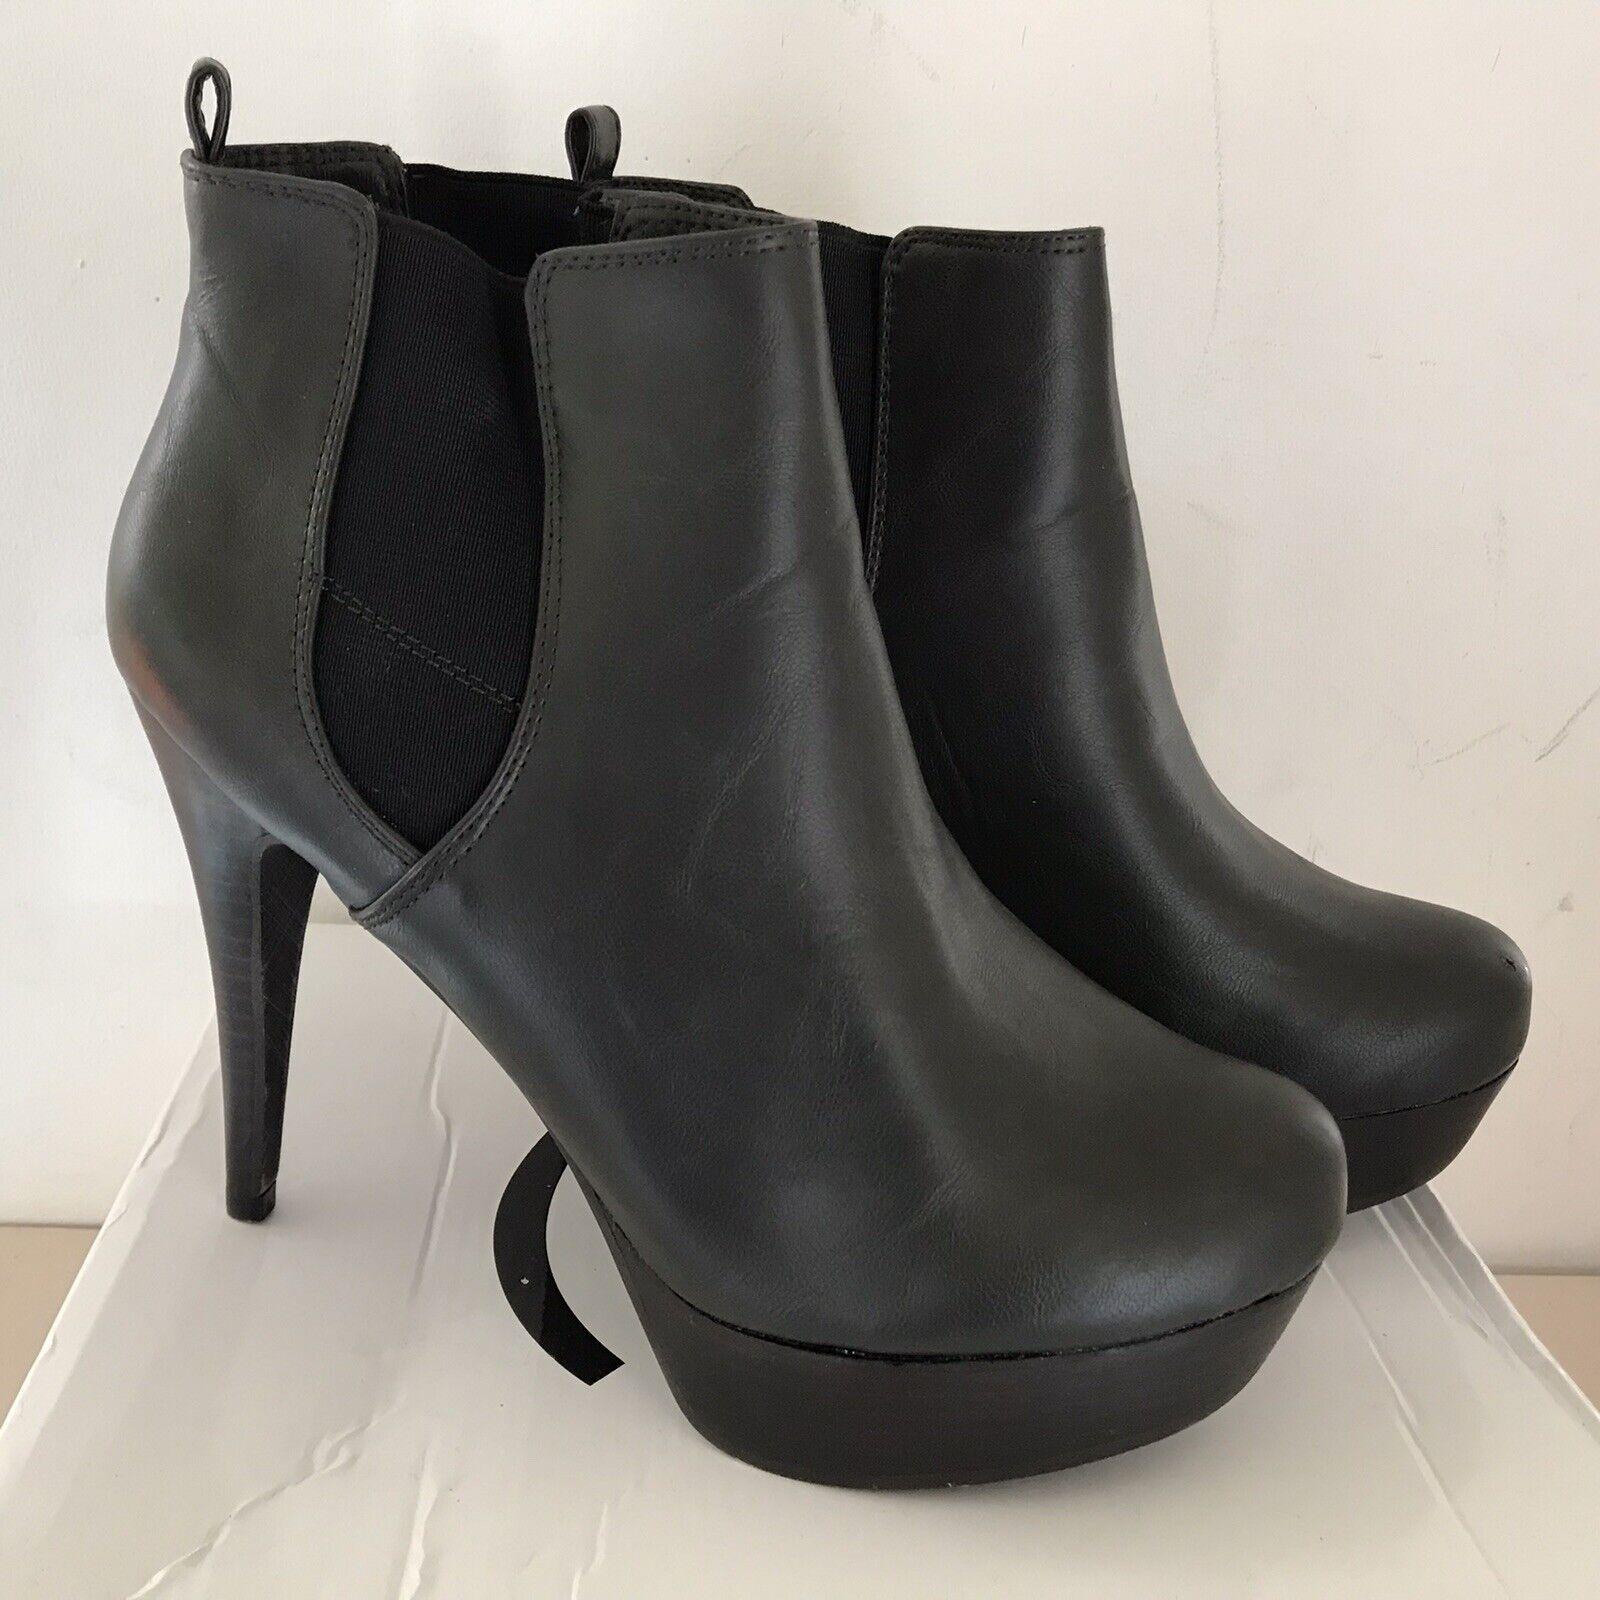 ! nuevo! Gris Oscuro Coco Imitación Cuero De Salón Zapatos de Taco Alto Botas al Tobillo Chelsea Talla 8